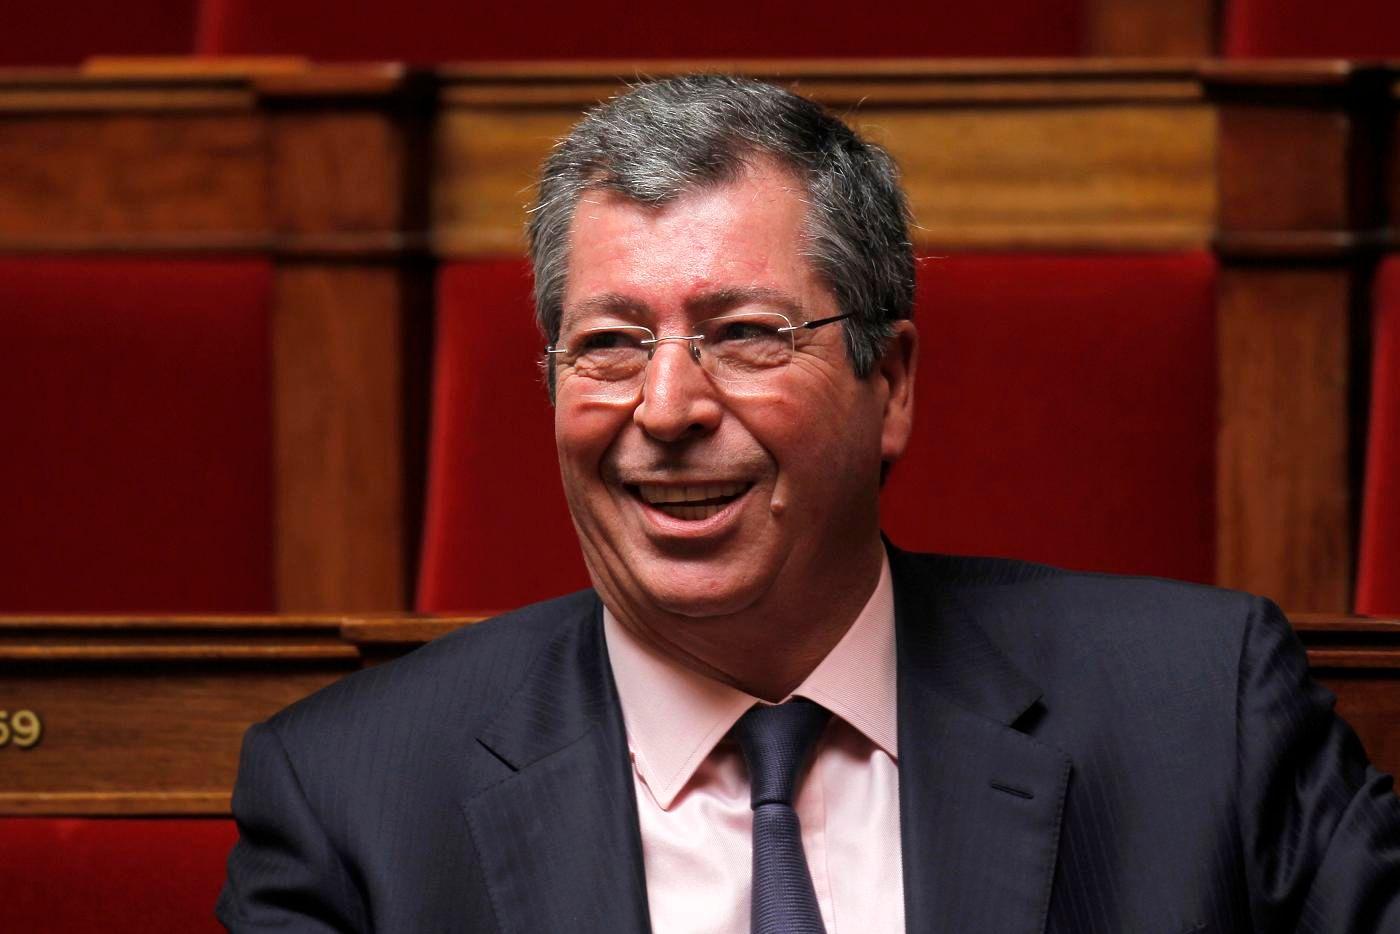 Législatives : mécontent du candidat investi par Les Républicains, Patrick Balkany fait retirer les affiches de François Fillon à Levallois